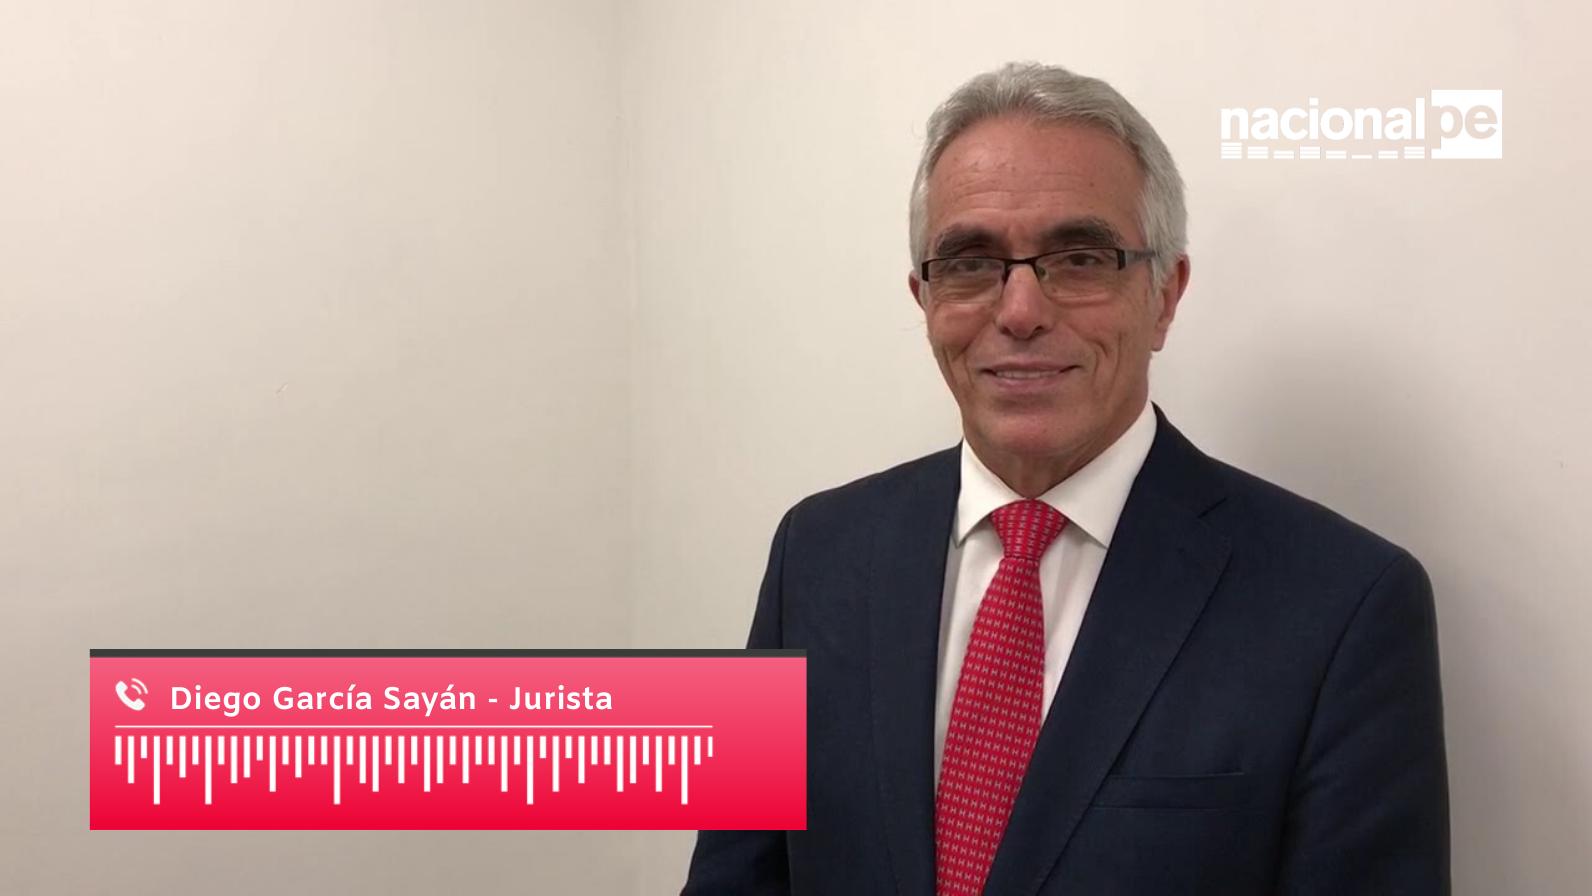 """García Sayán: """"Acciones contra Domingo Pérez tienen el color y contenido de una censura"""" - Radio Nacional del Perú"""